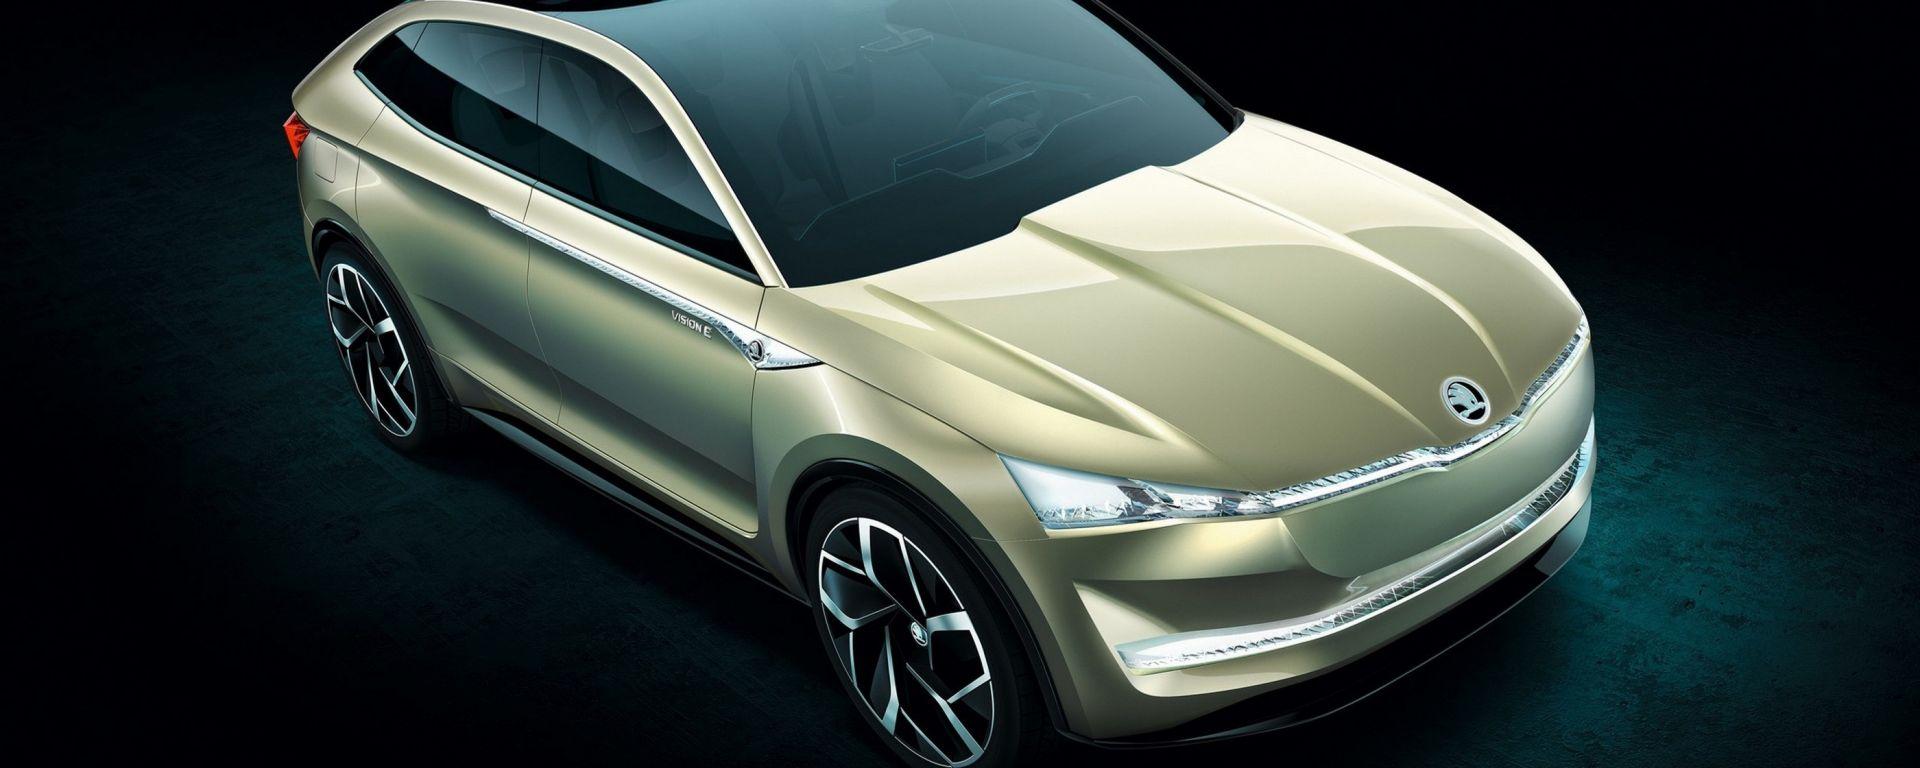 La Vision E Concept anticipa il primo SUV elettrico di Skoda